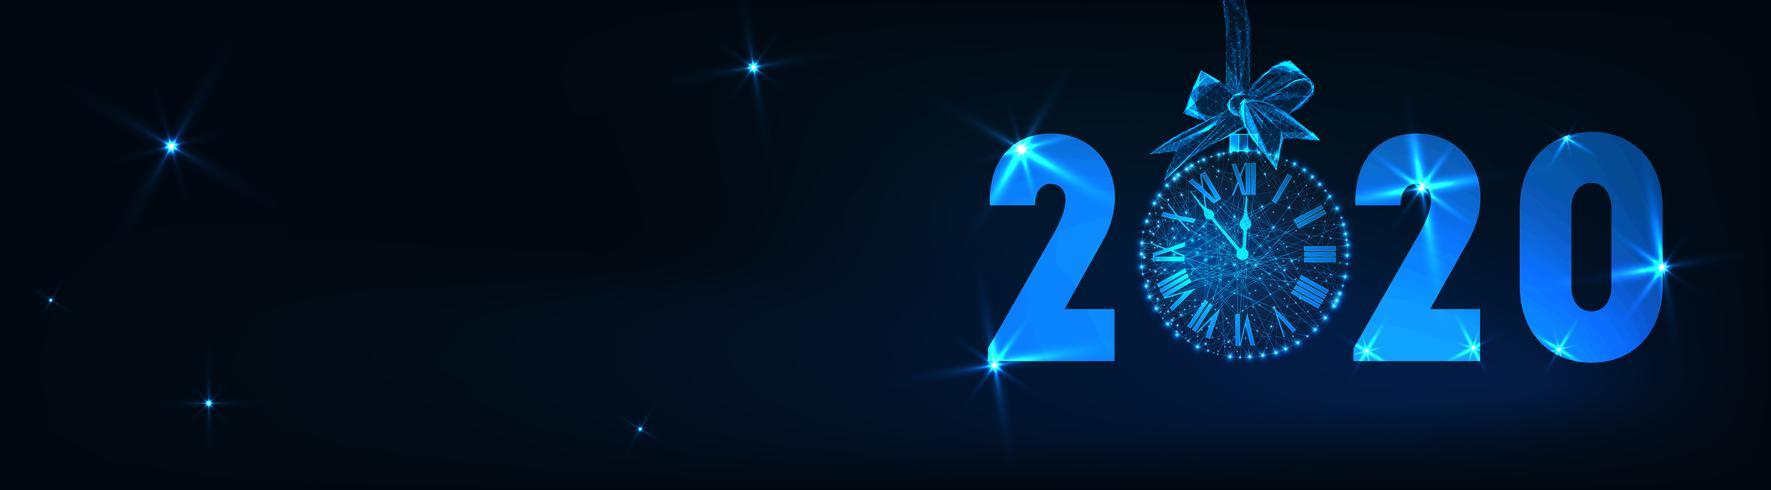 Gott nytt år banner med futuristisk glödande låg poly 2020-text, klockan nedräkning, presentbåge, stjärnor.